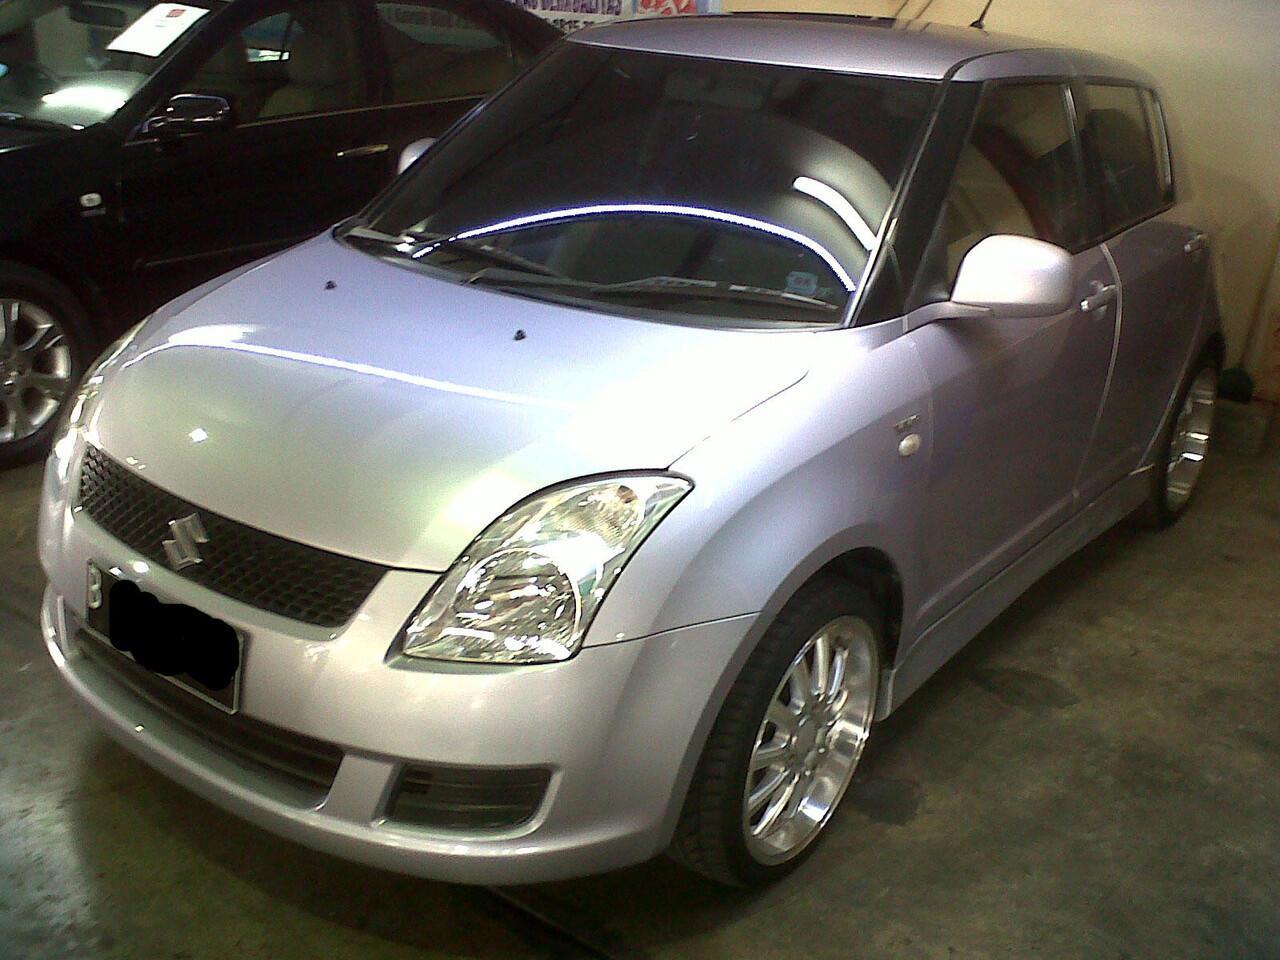 Suzuki Swift St 2007 A/t